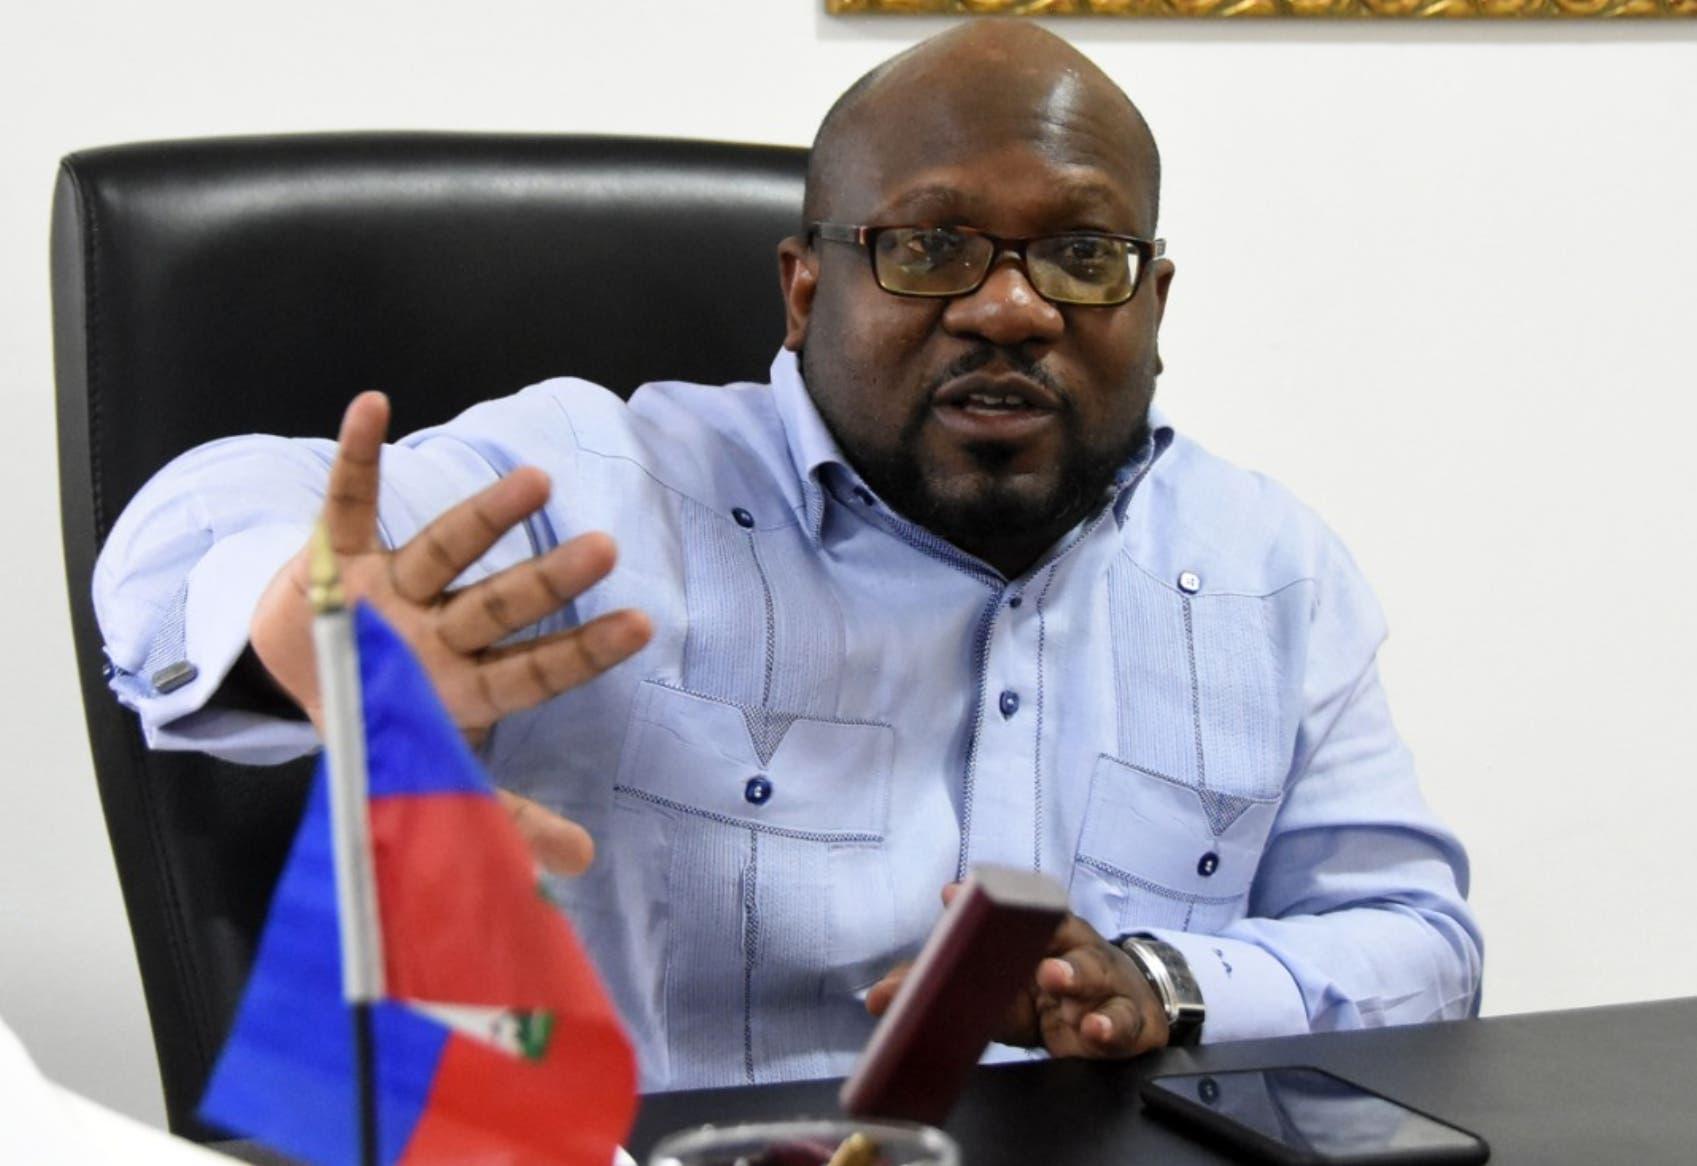 Embajador Smith Augustin considera relaciones Hatí-RD están en un buen momento